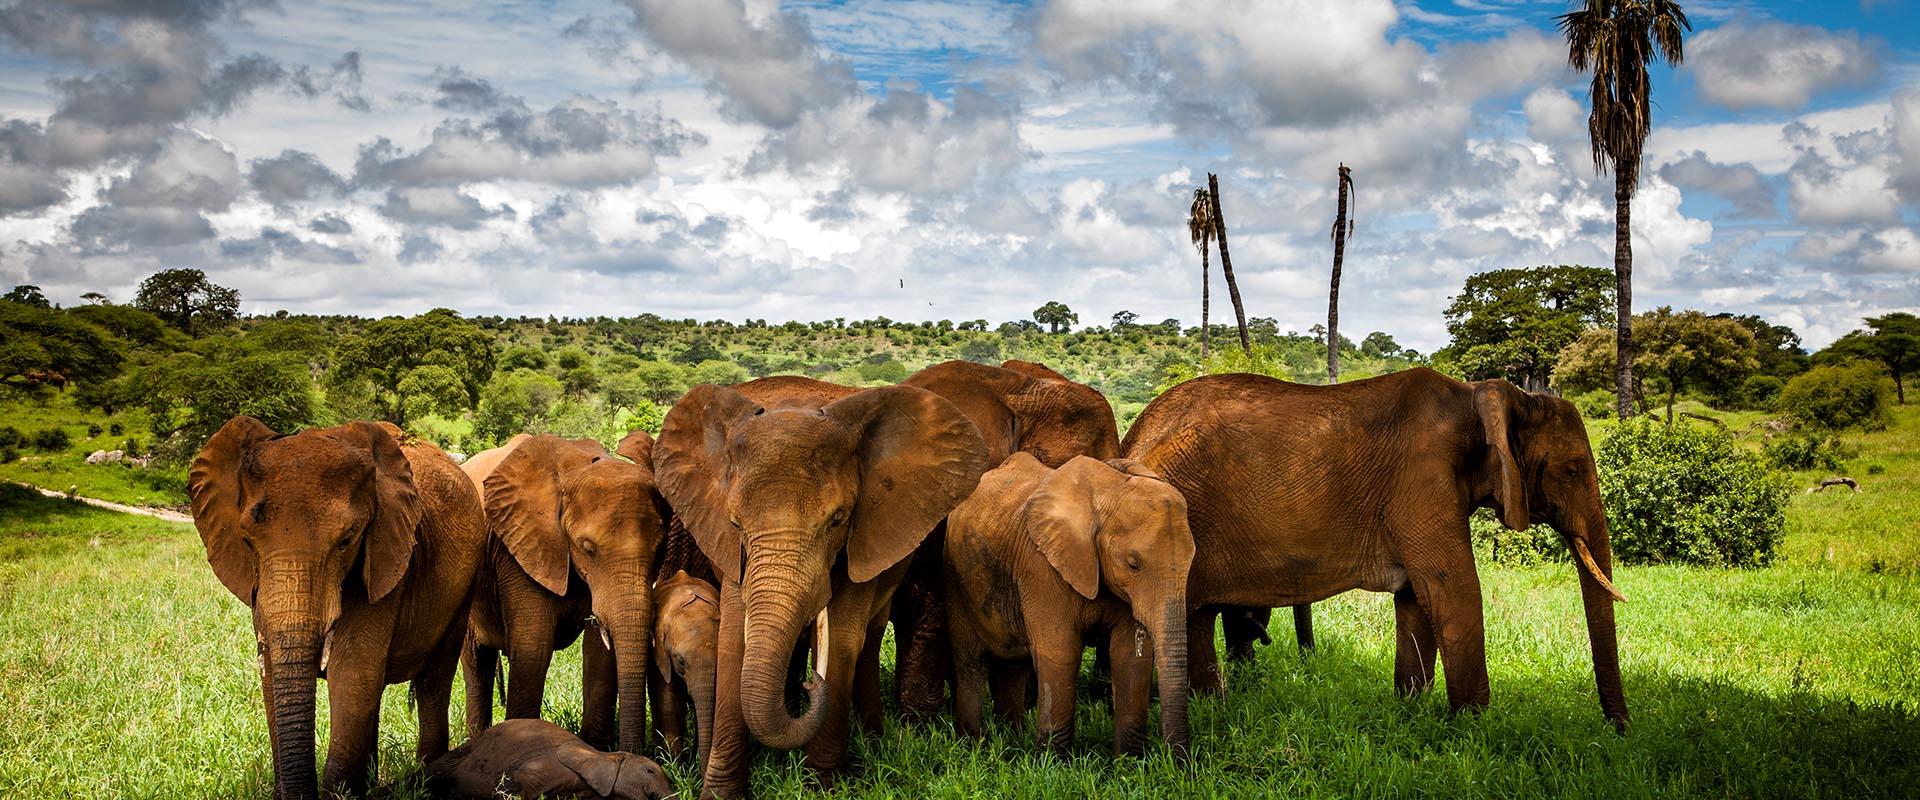 7 Days Tanzania Lodging Safari.